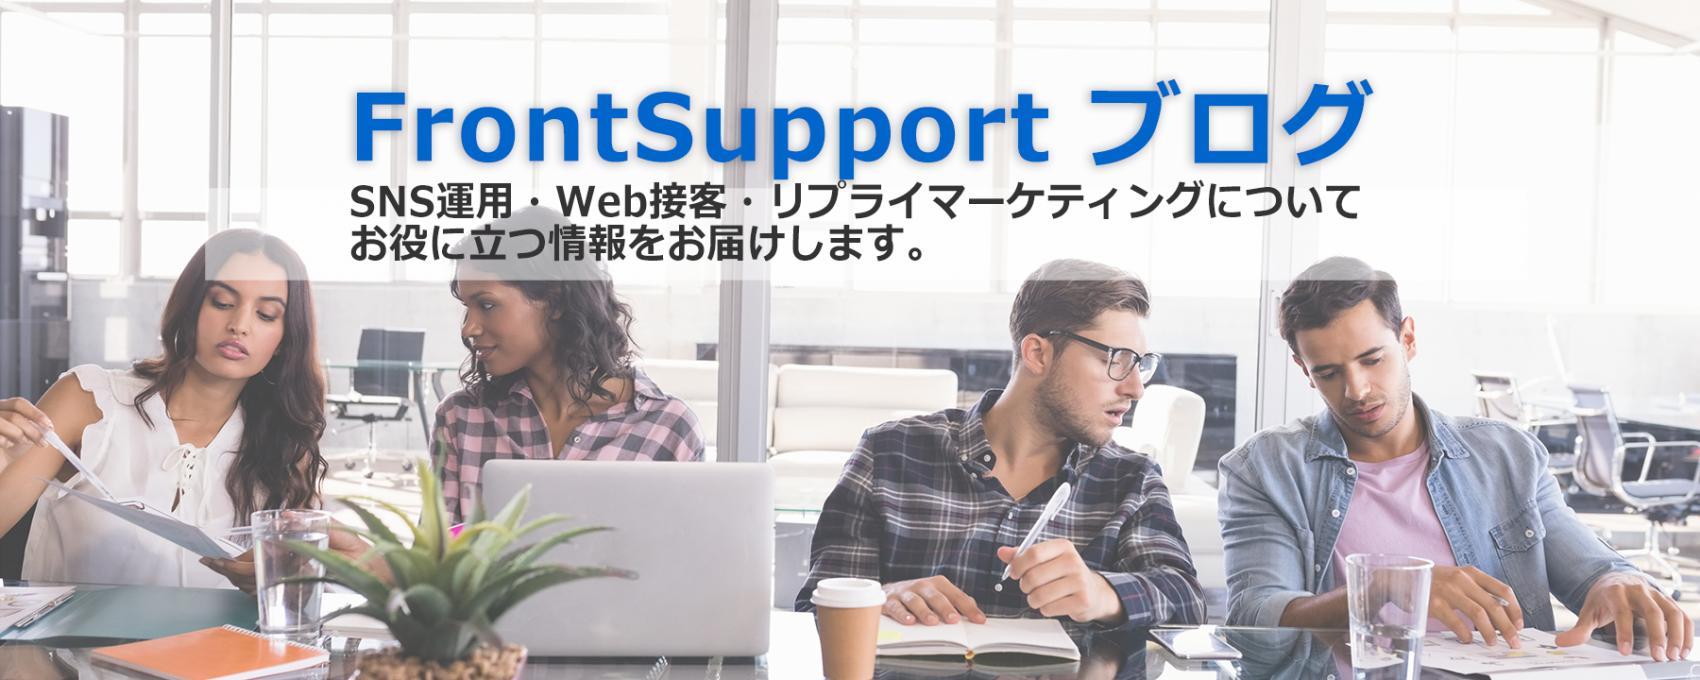 フロントサポートブログ:SNS運用、Web接客、リプライマーケティングについてお役立ち情報をお送りします。